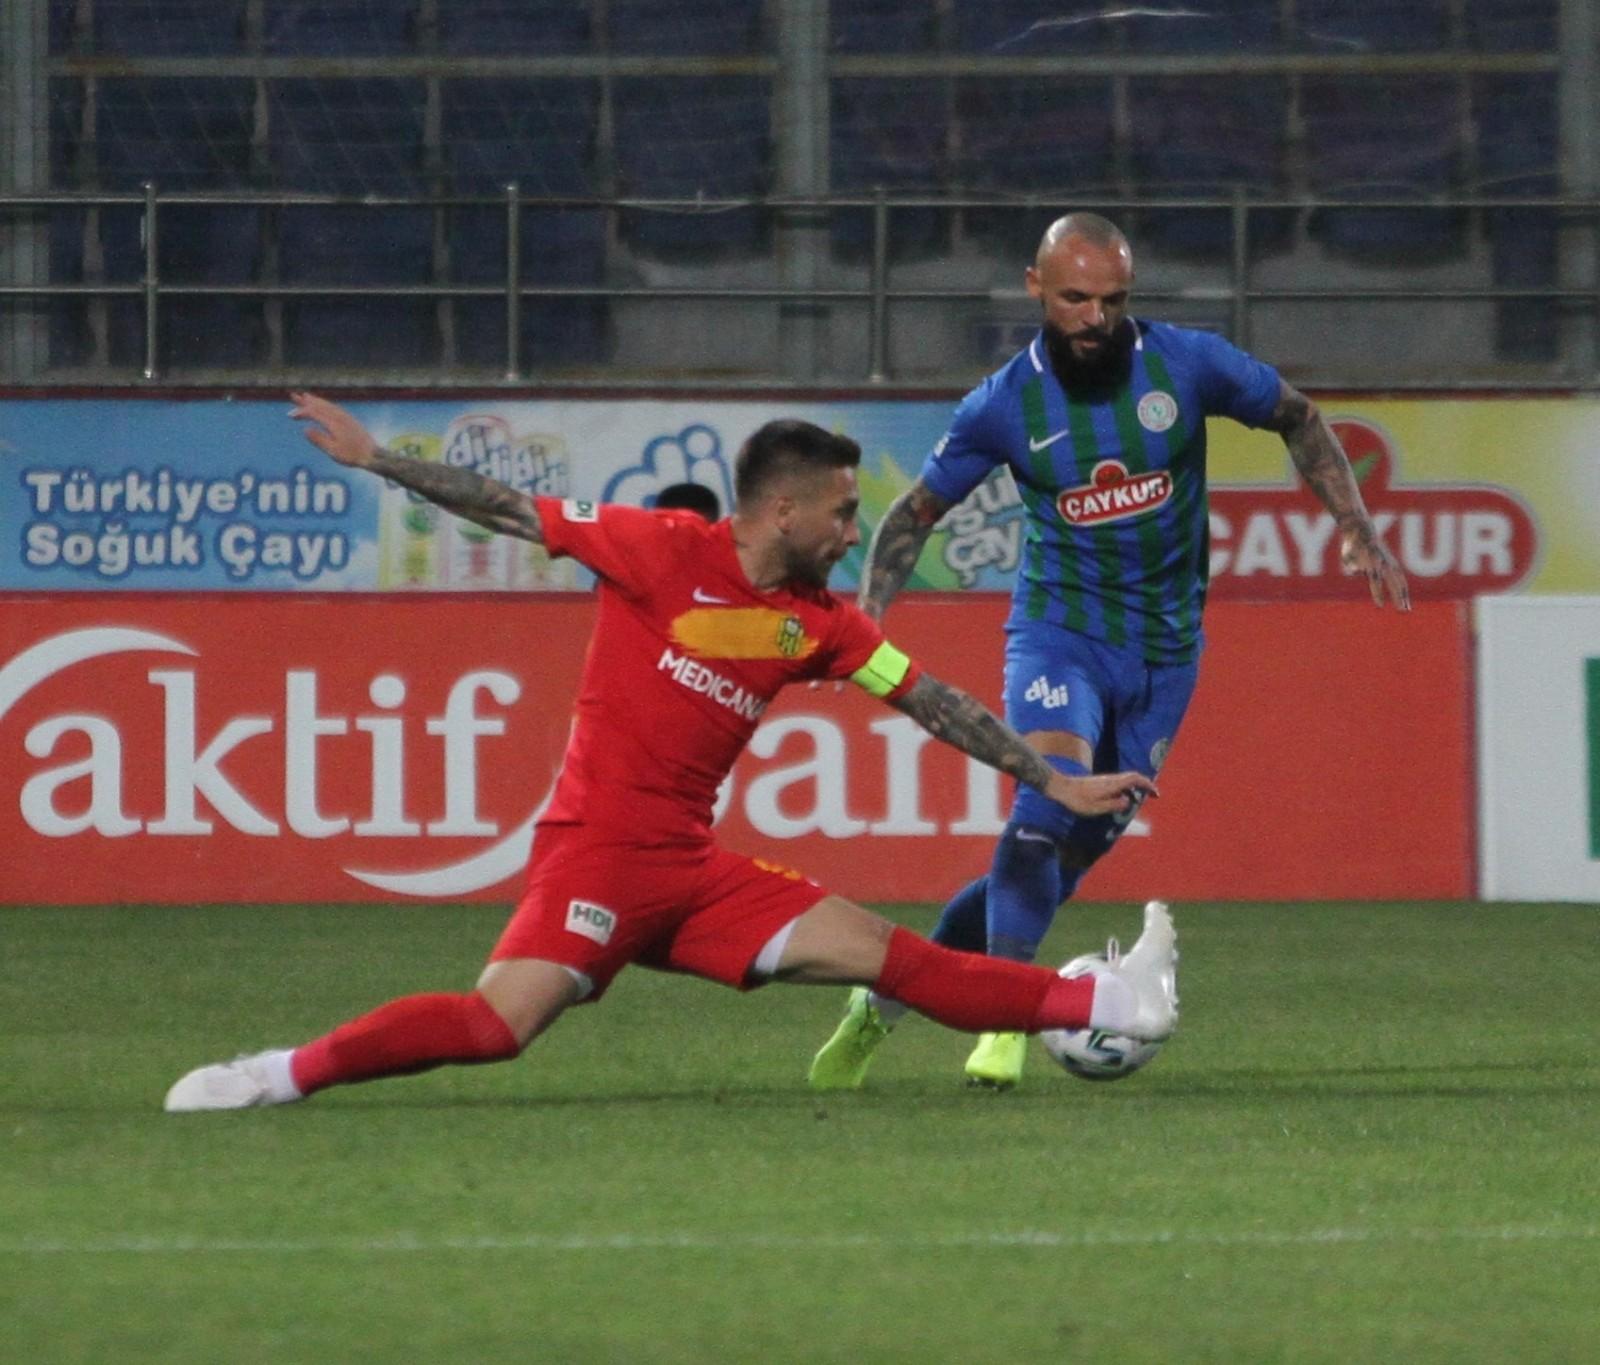 Süper Lig: Çaykur Rizespor: 0 – Yeni Malatyaspor: 2 (İlk yarı)